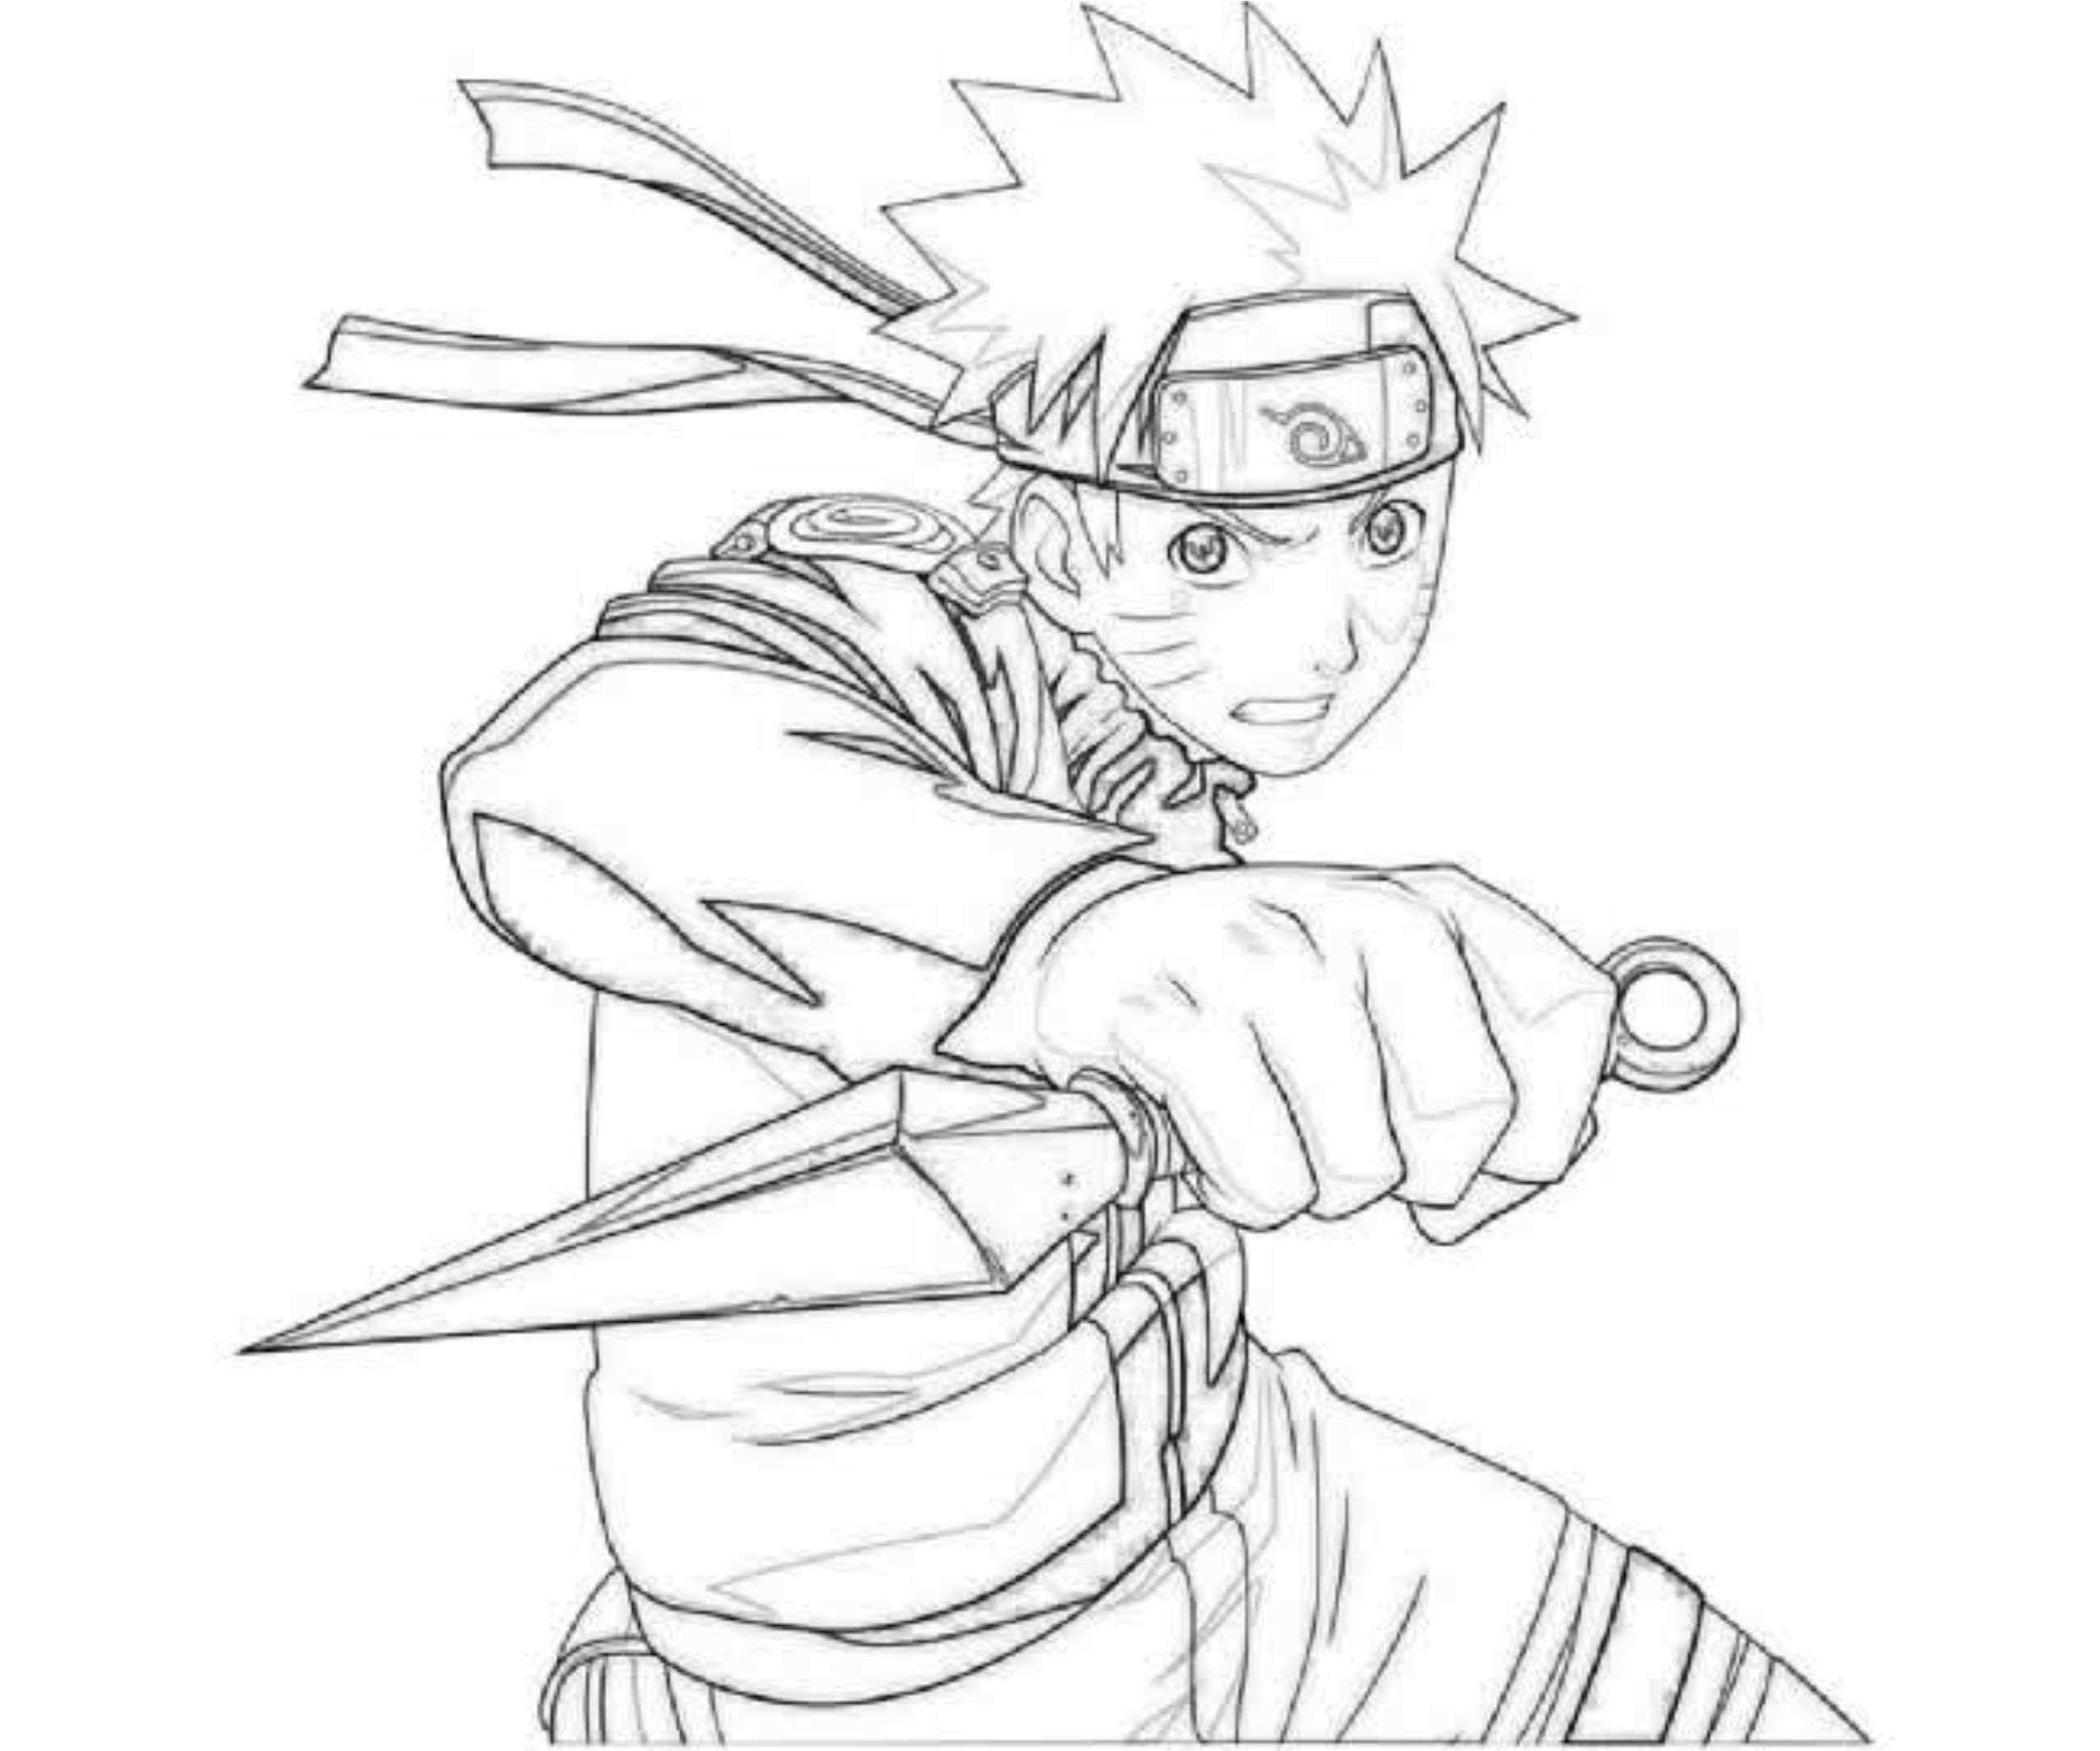 Coloriage De Naruto Shippuden A Imprimer Coloriage De concernant Naruto Shipuden Coloriage